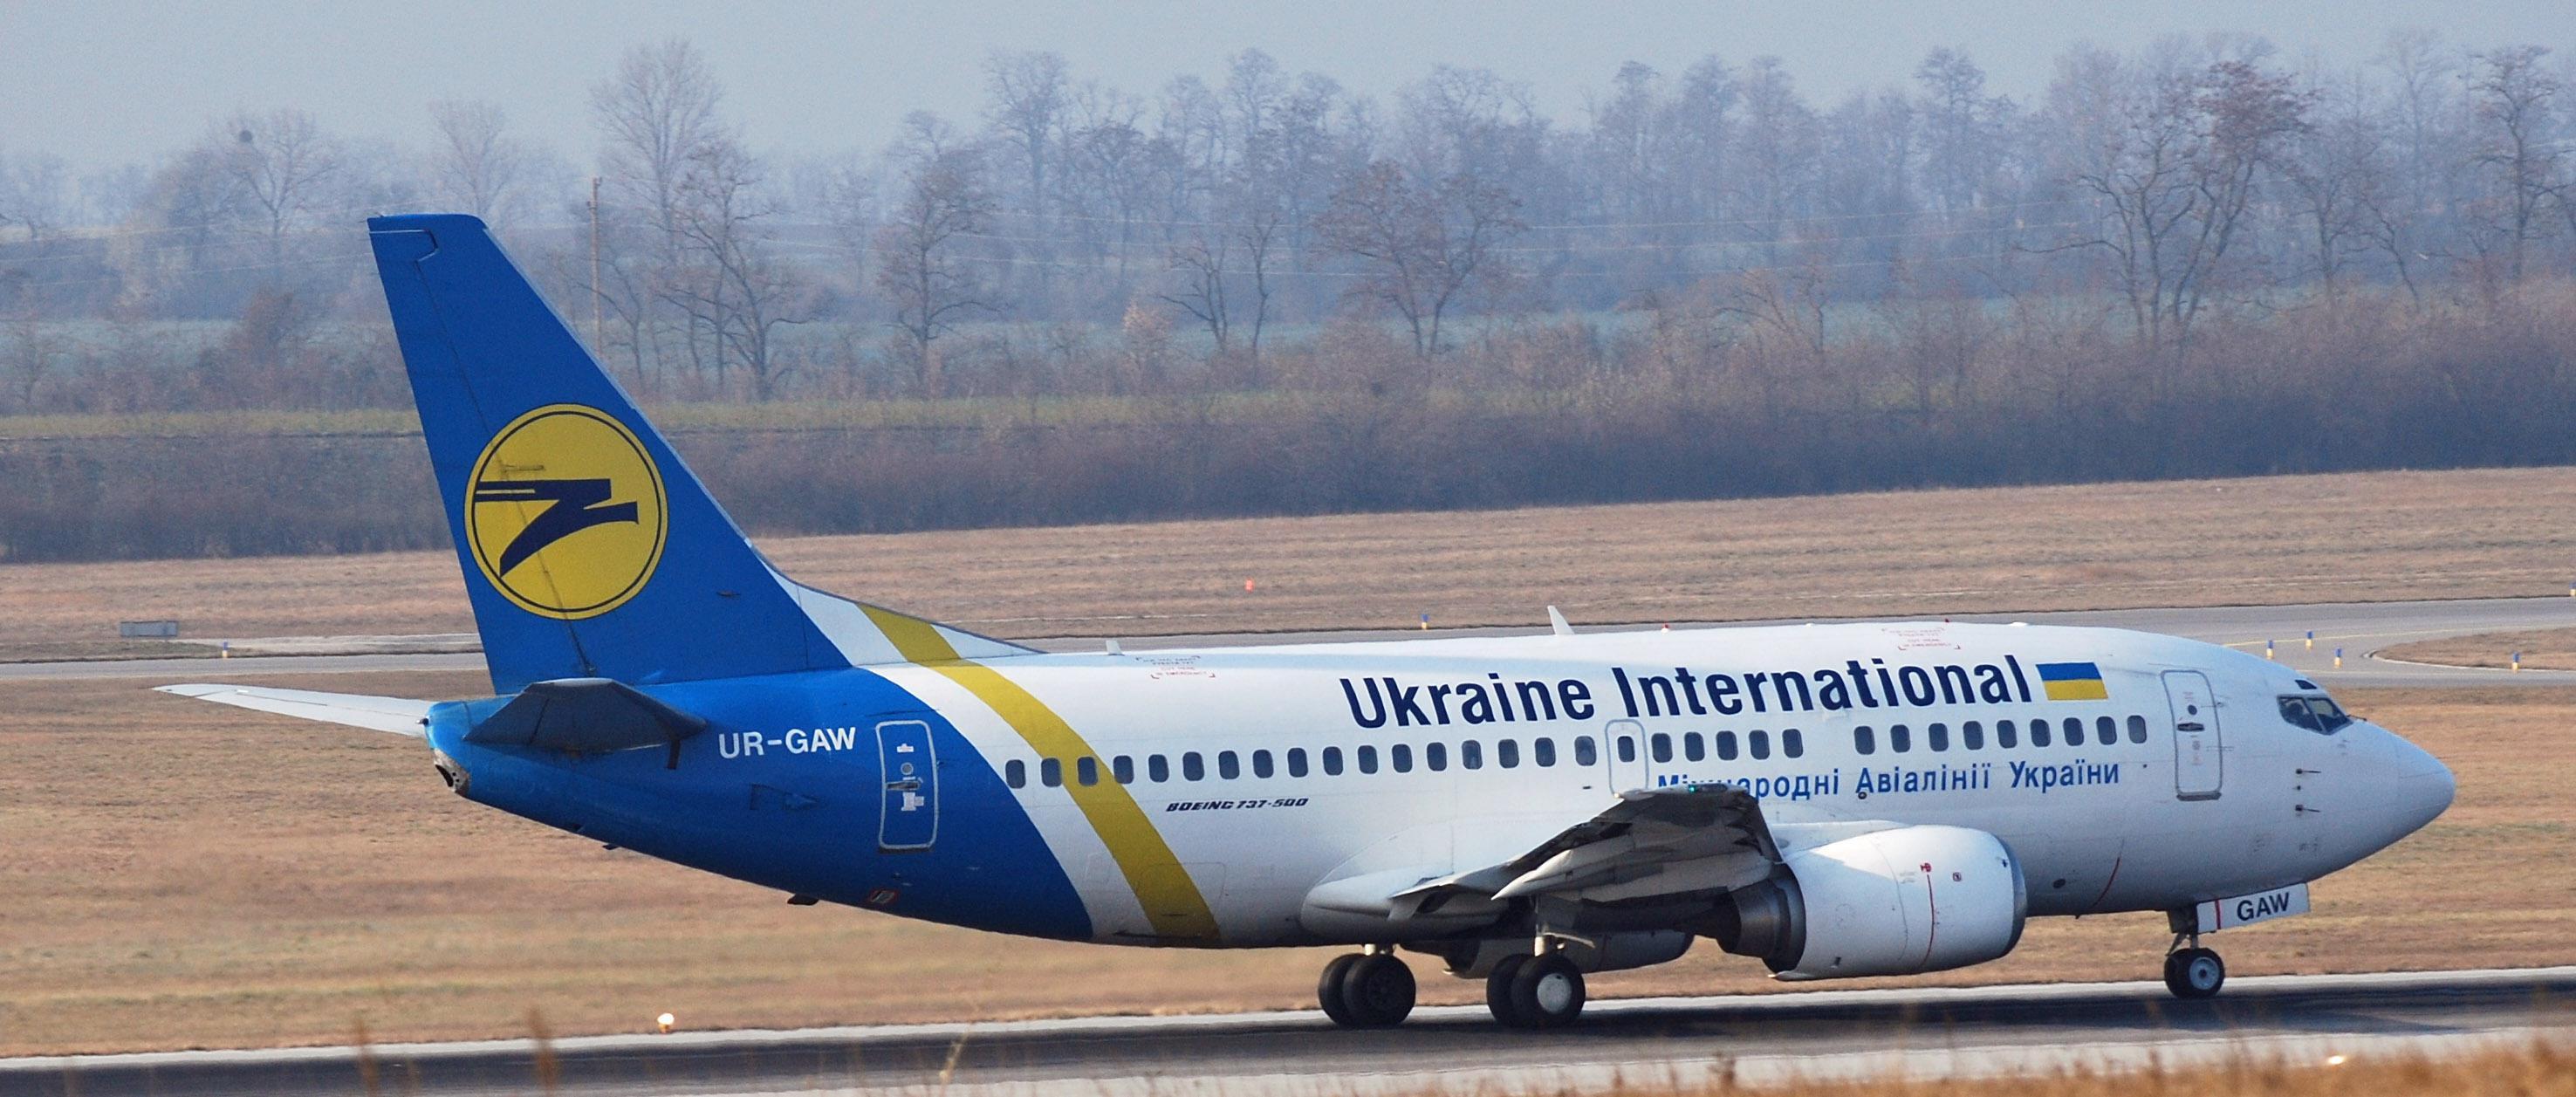 乌克兰准备引入更多航空公司并出售机场运营权